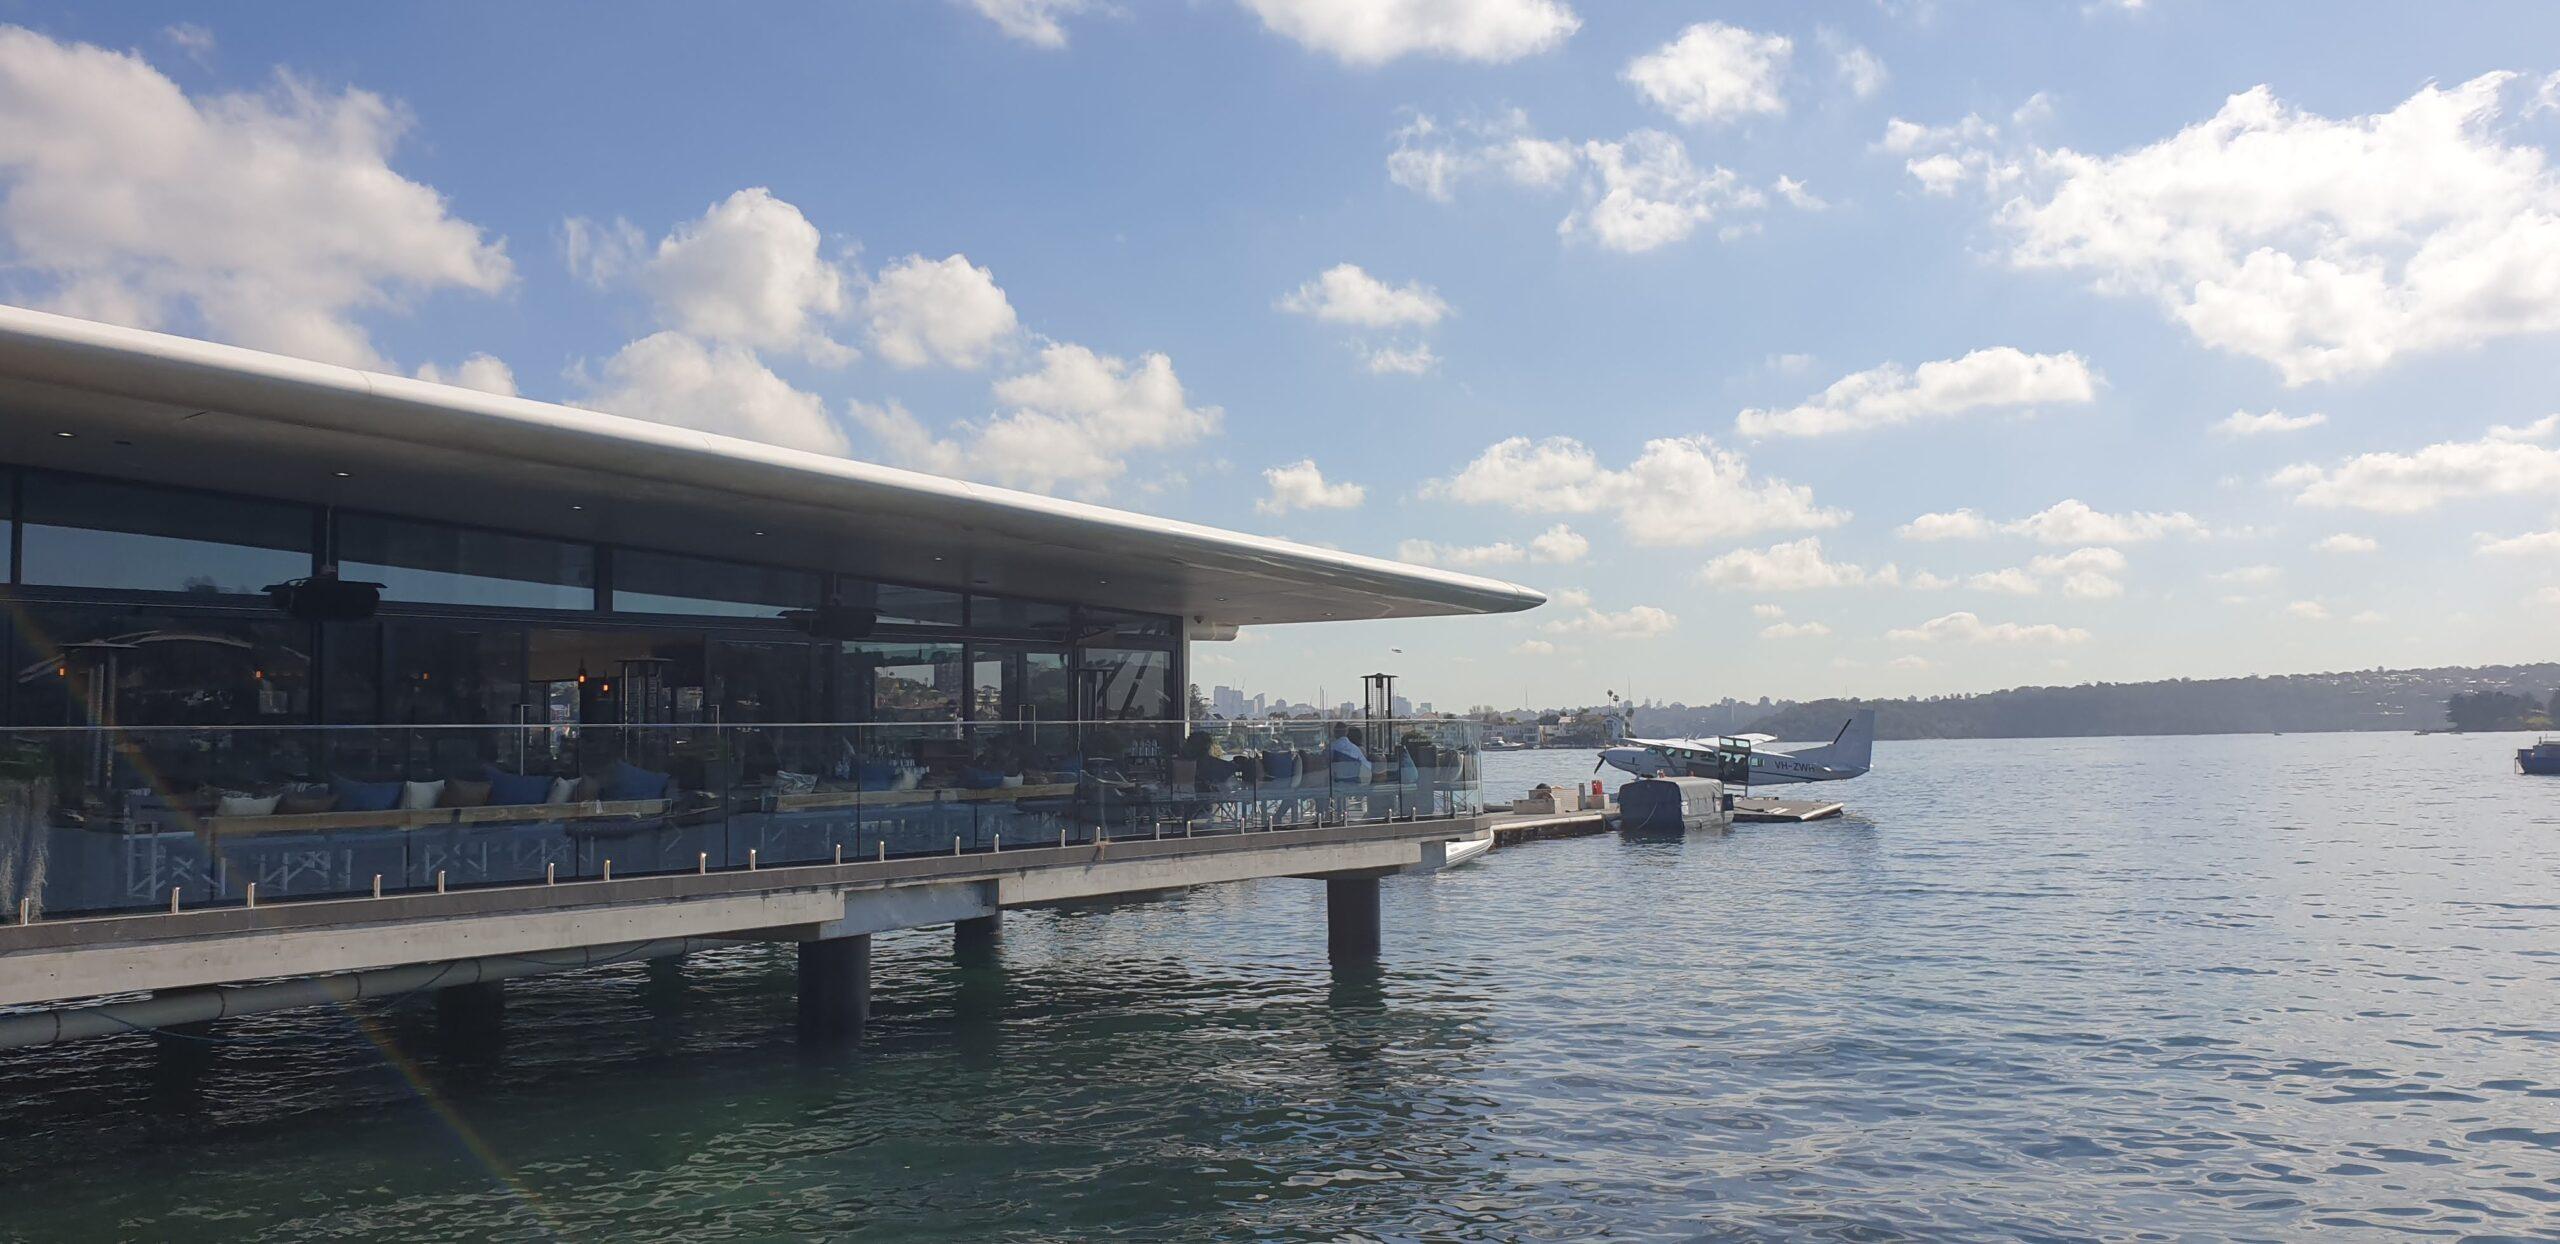 シドニーシープレーンズのターミナルと水上飛行機